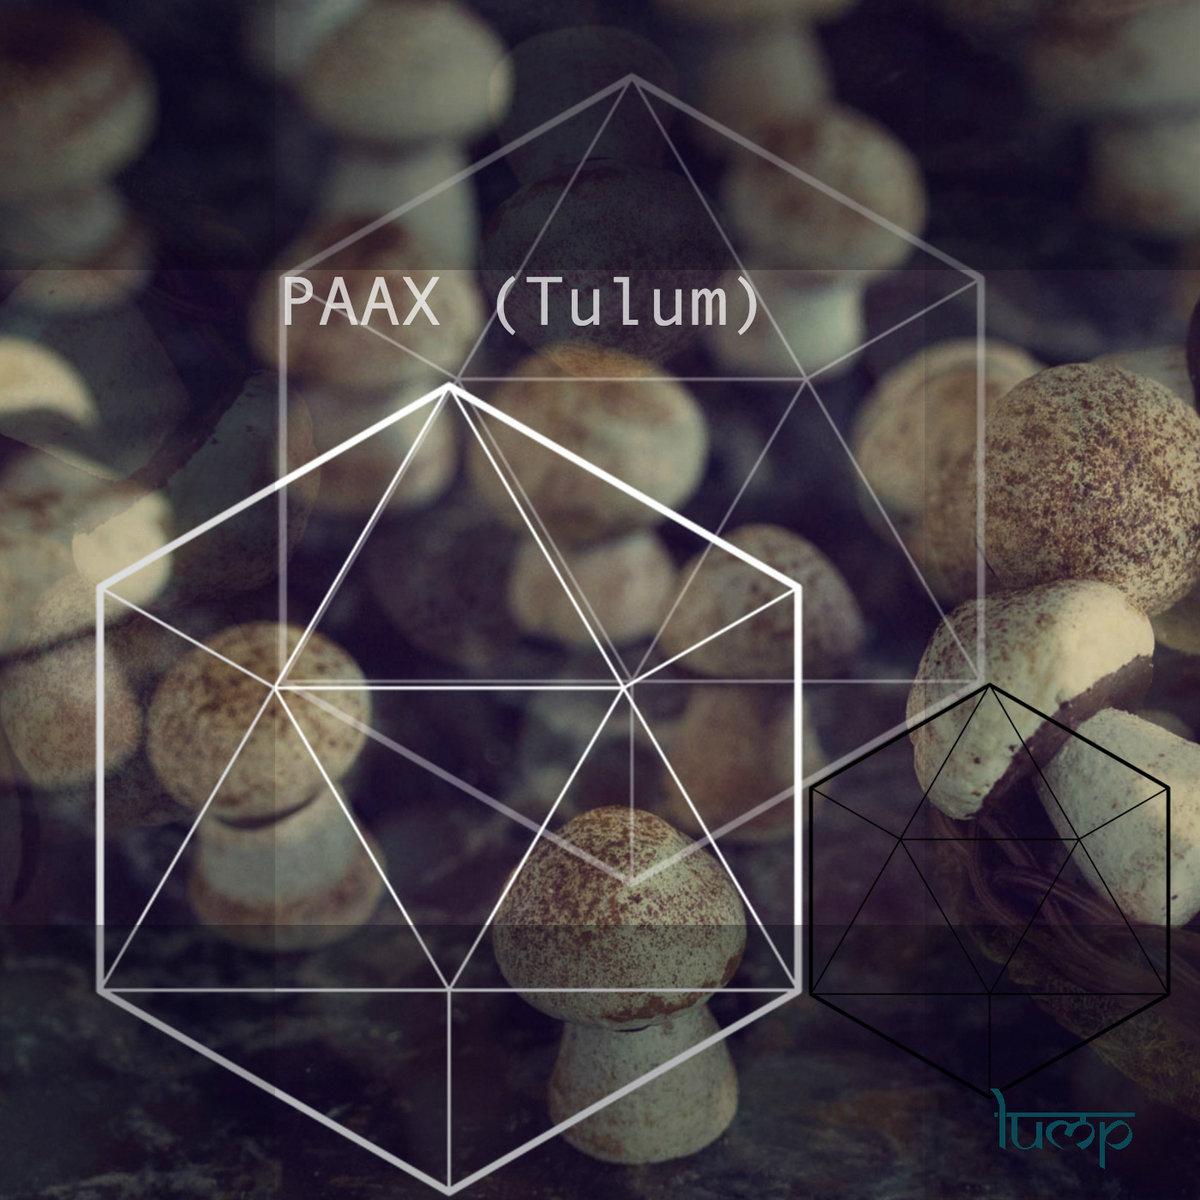 Chambao la danza del tiempo (paax. Tulum edit) [freedl] | lump.